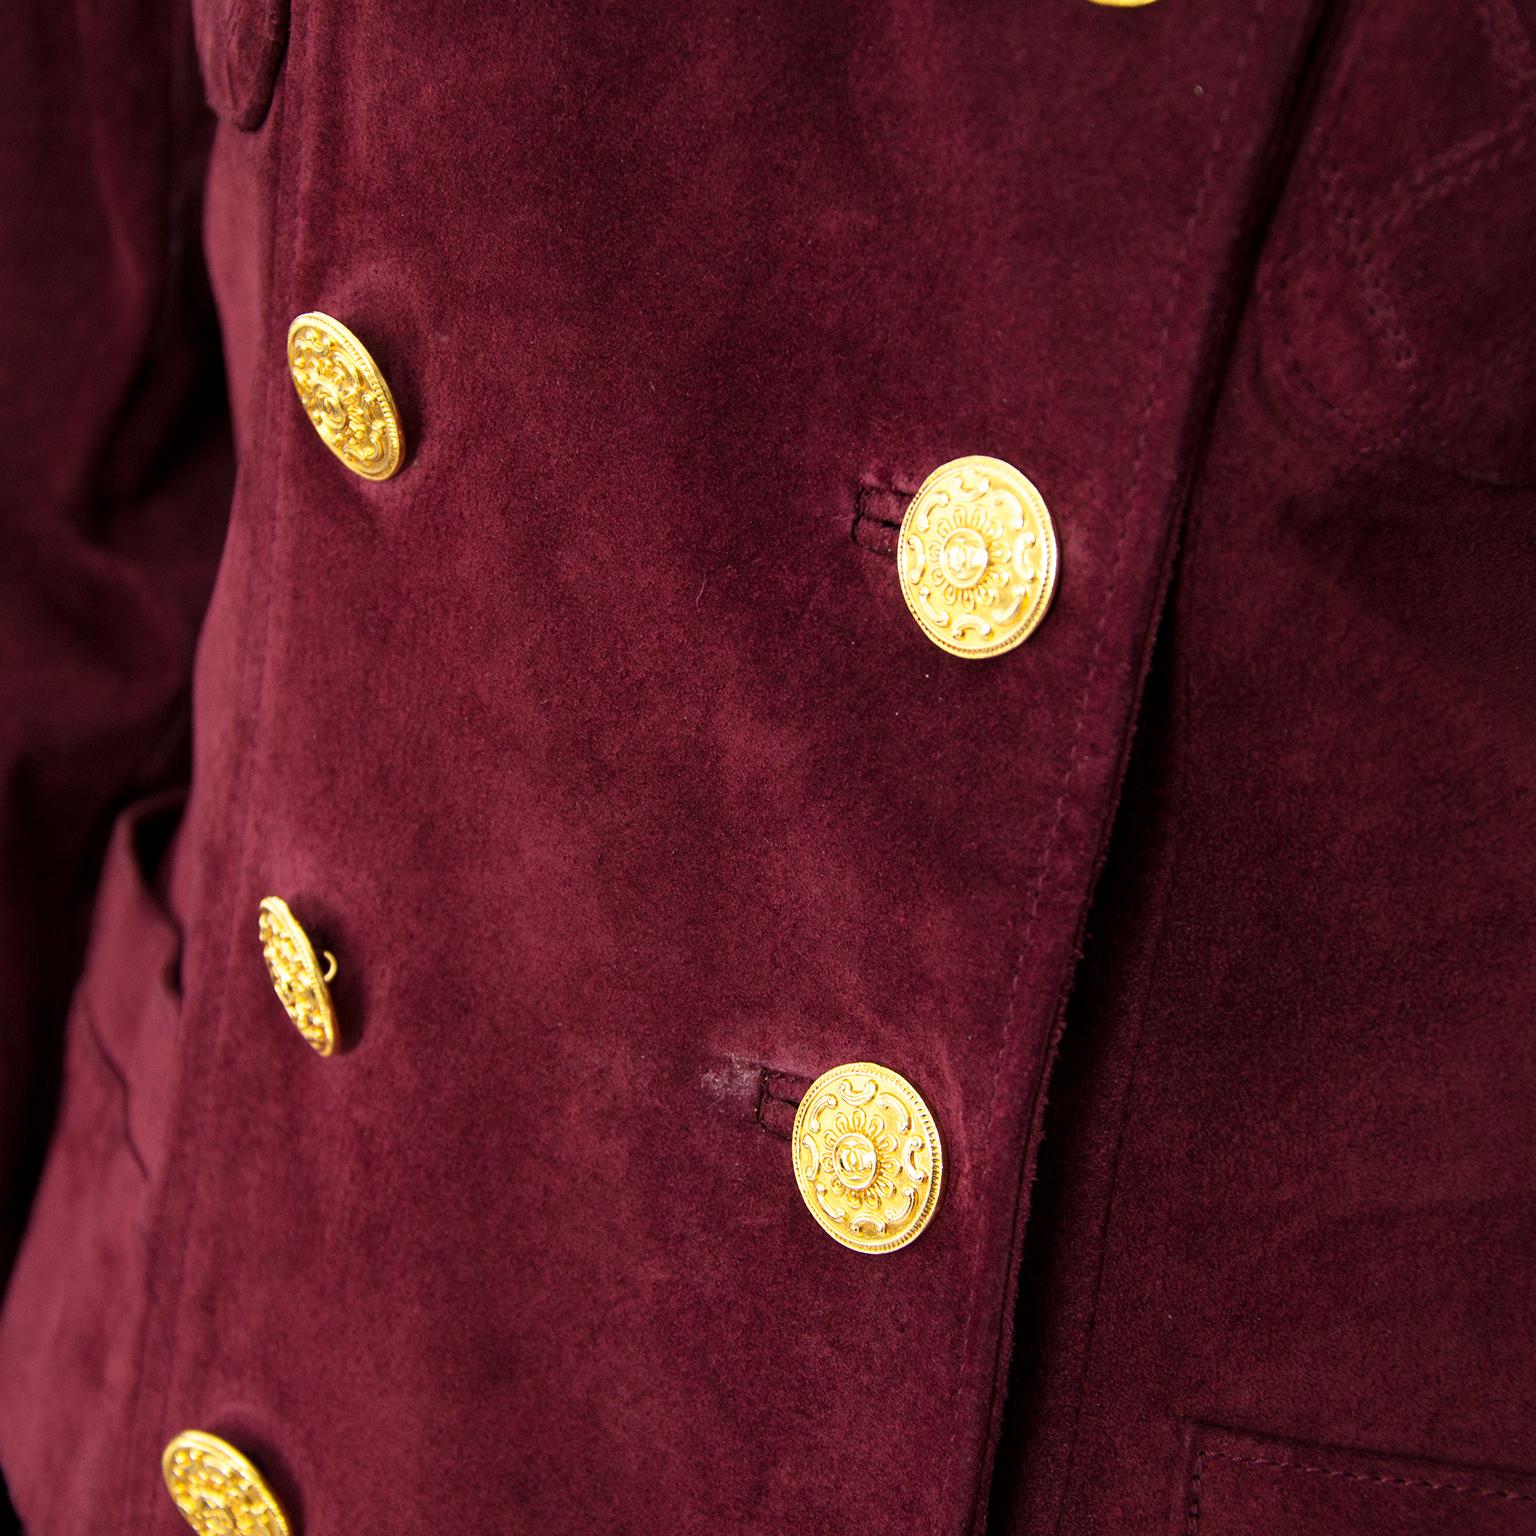 Chanel Bordeaux Nubuck Ensemble nu online op labellov.com tegen de beste prijs.